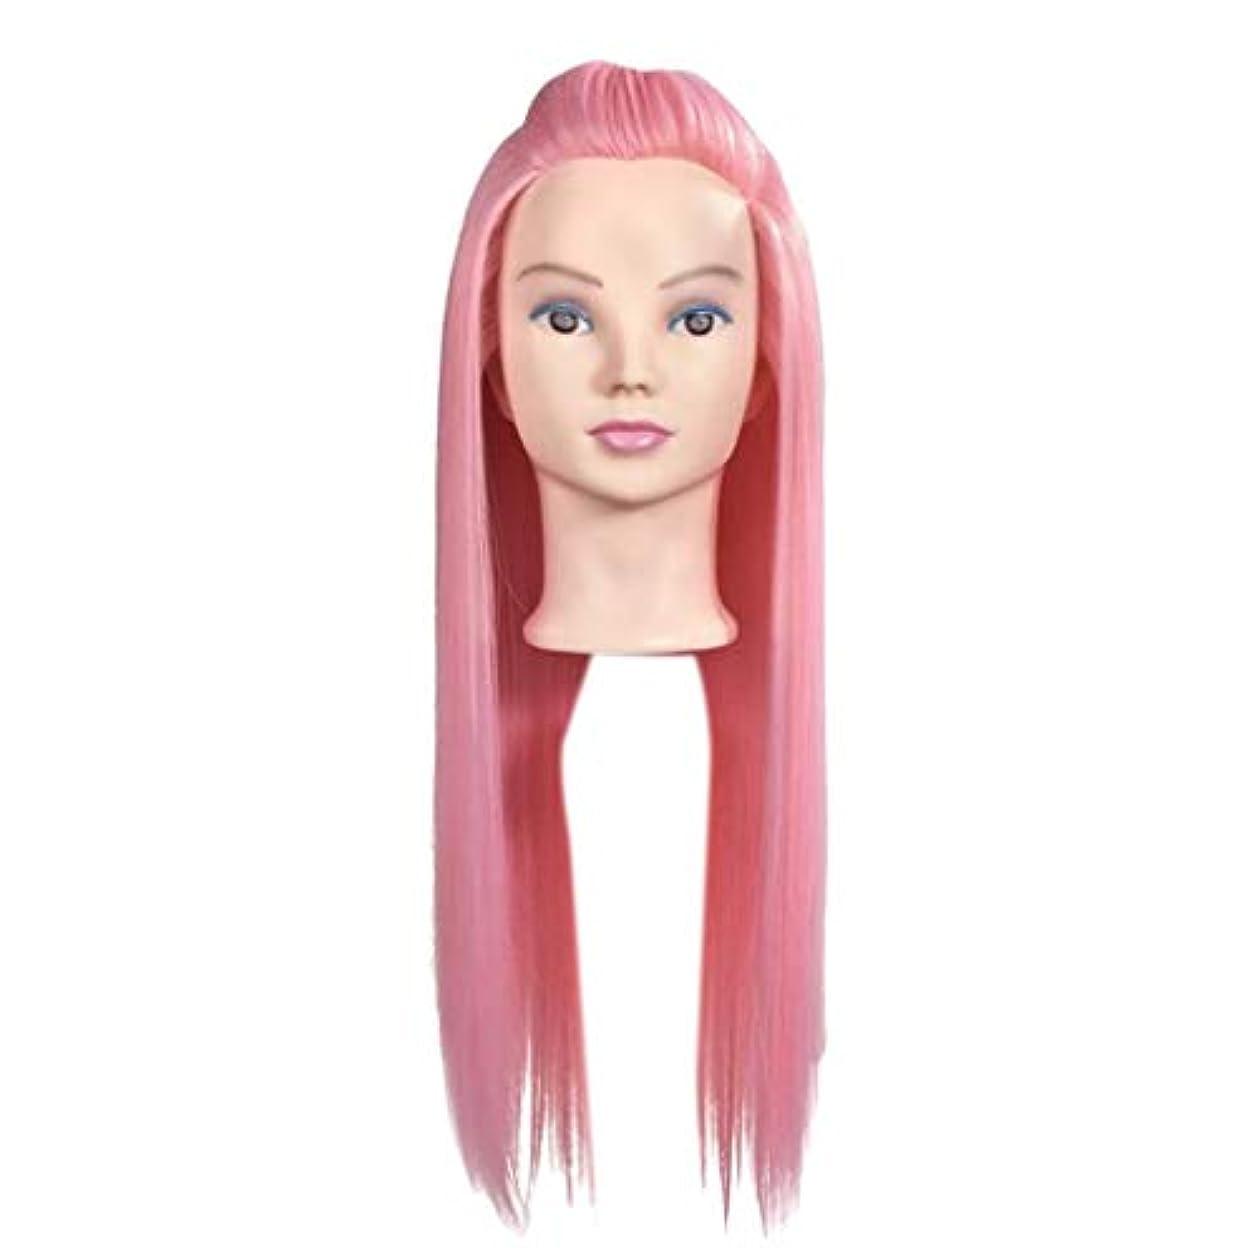 一過性可能フラップToygogo 23インチピンク美容化粧顔マネキンマネキンヘッド髪、サロンスタイリング練習組紐人形頭合成髪